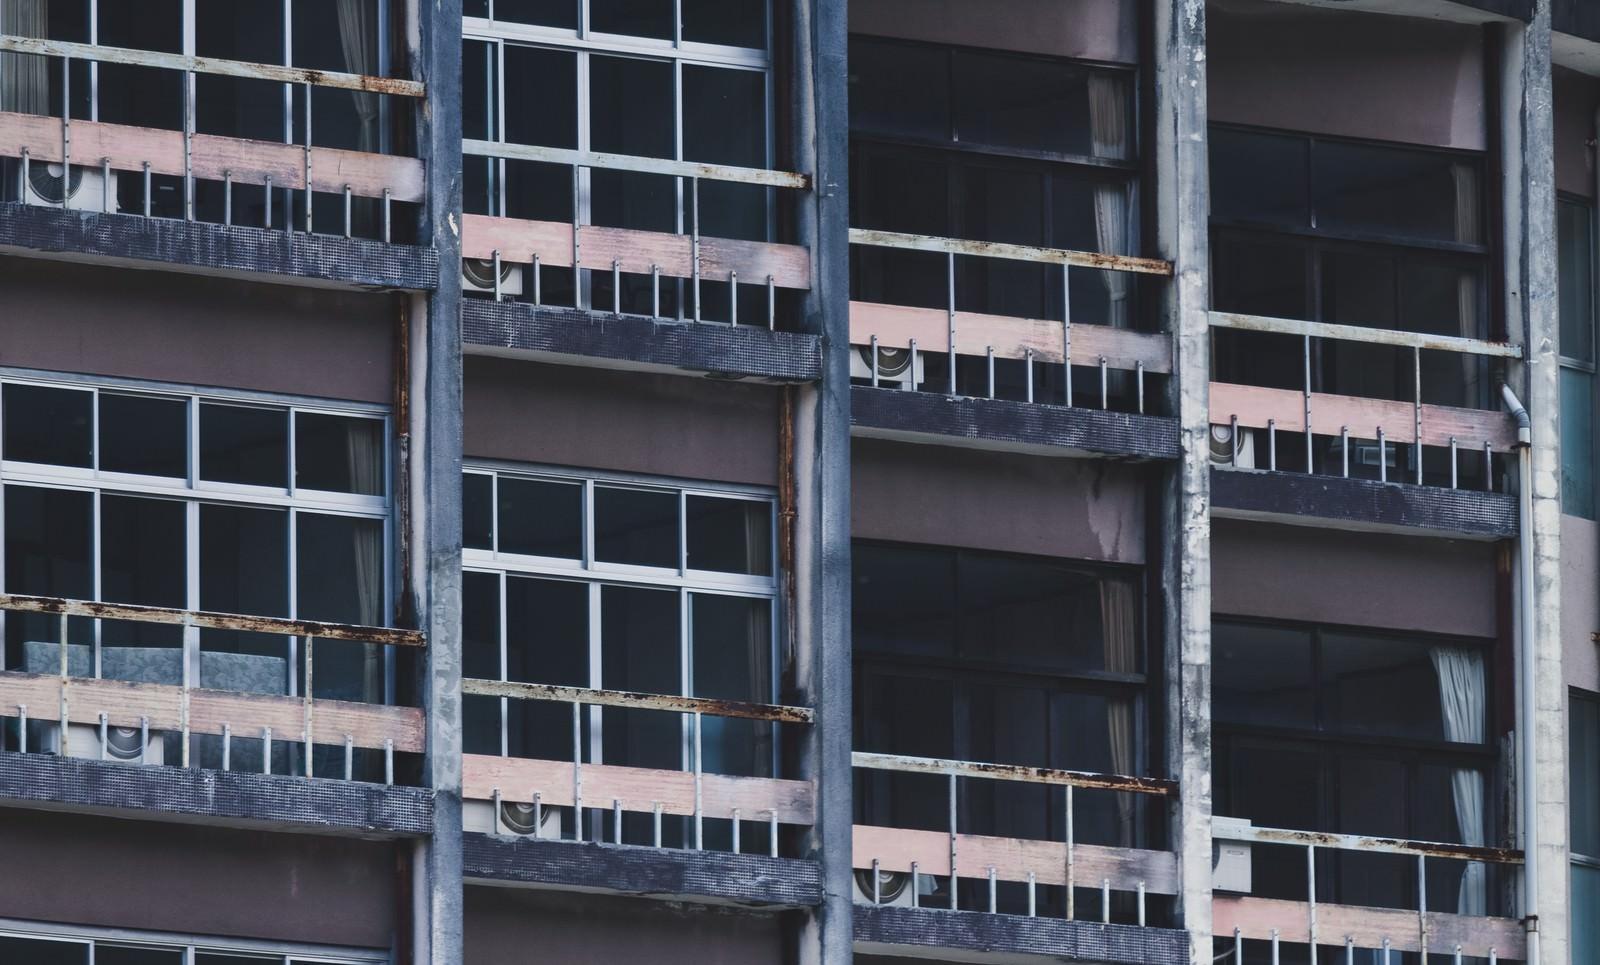 「潰れた旅館の客室外観 | 写真の無料素材・フリー素材 - ぱくたそ」の写真